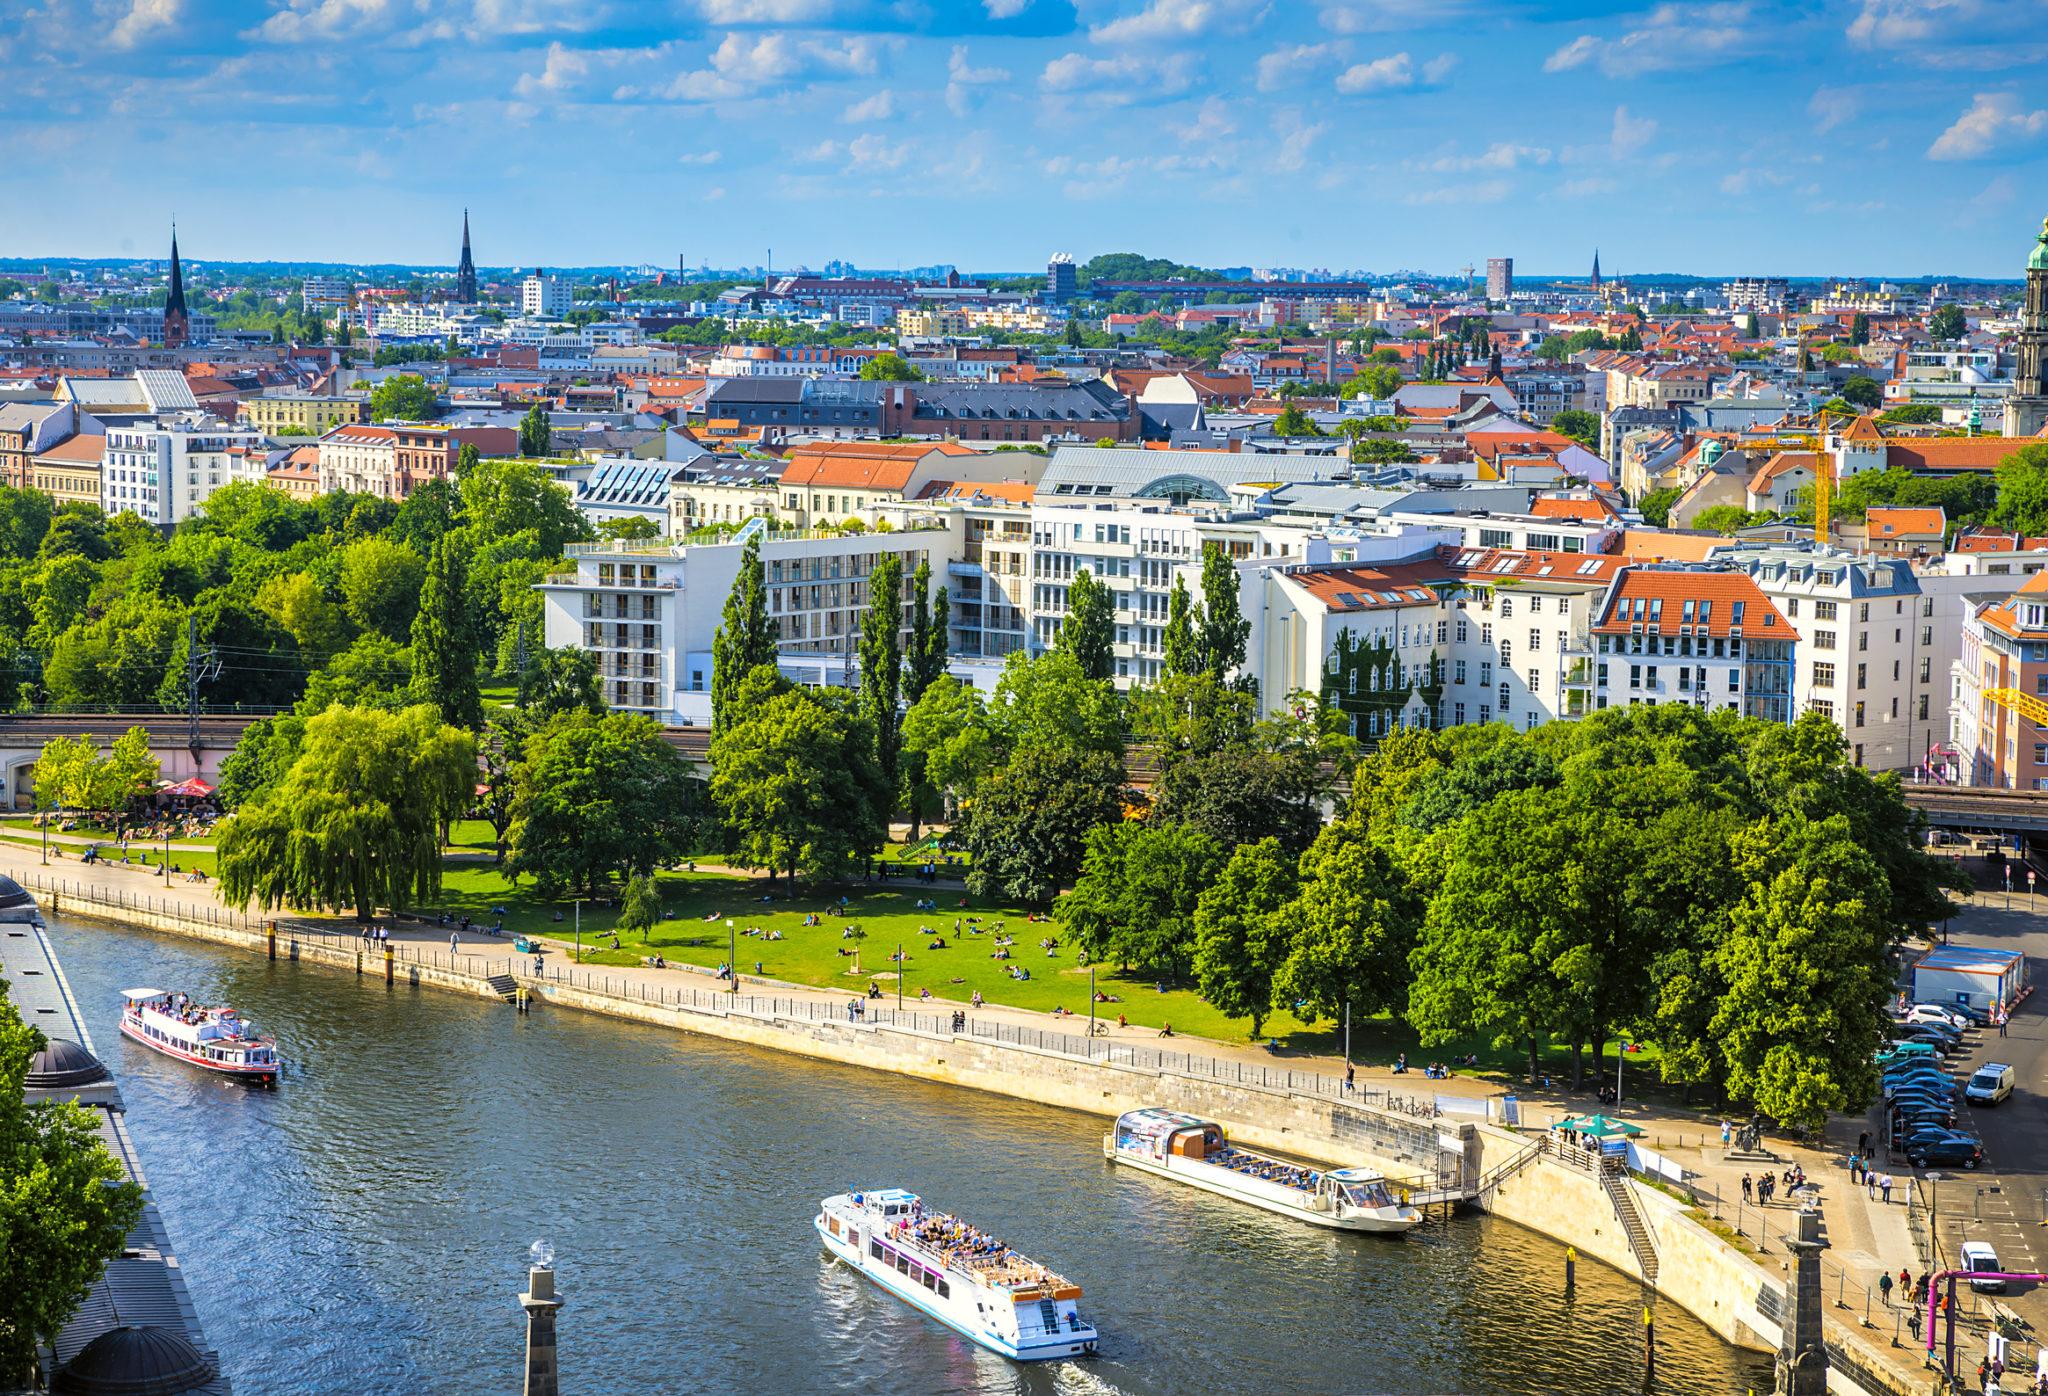 Haushaltsauflösung und Entrümpelung in Potsdam